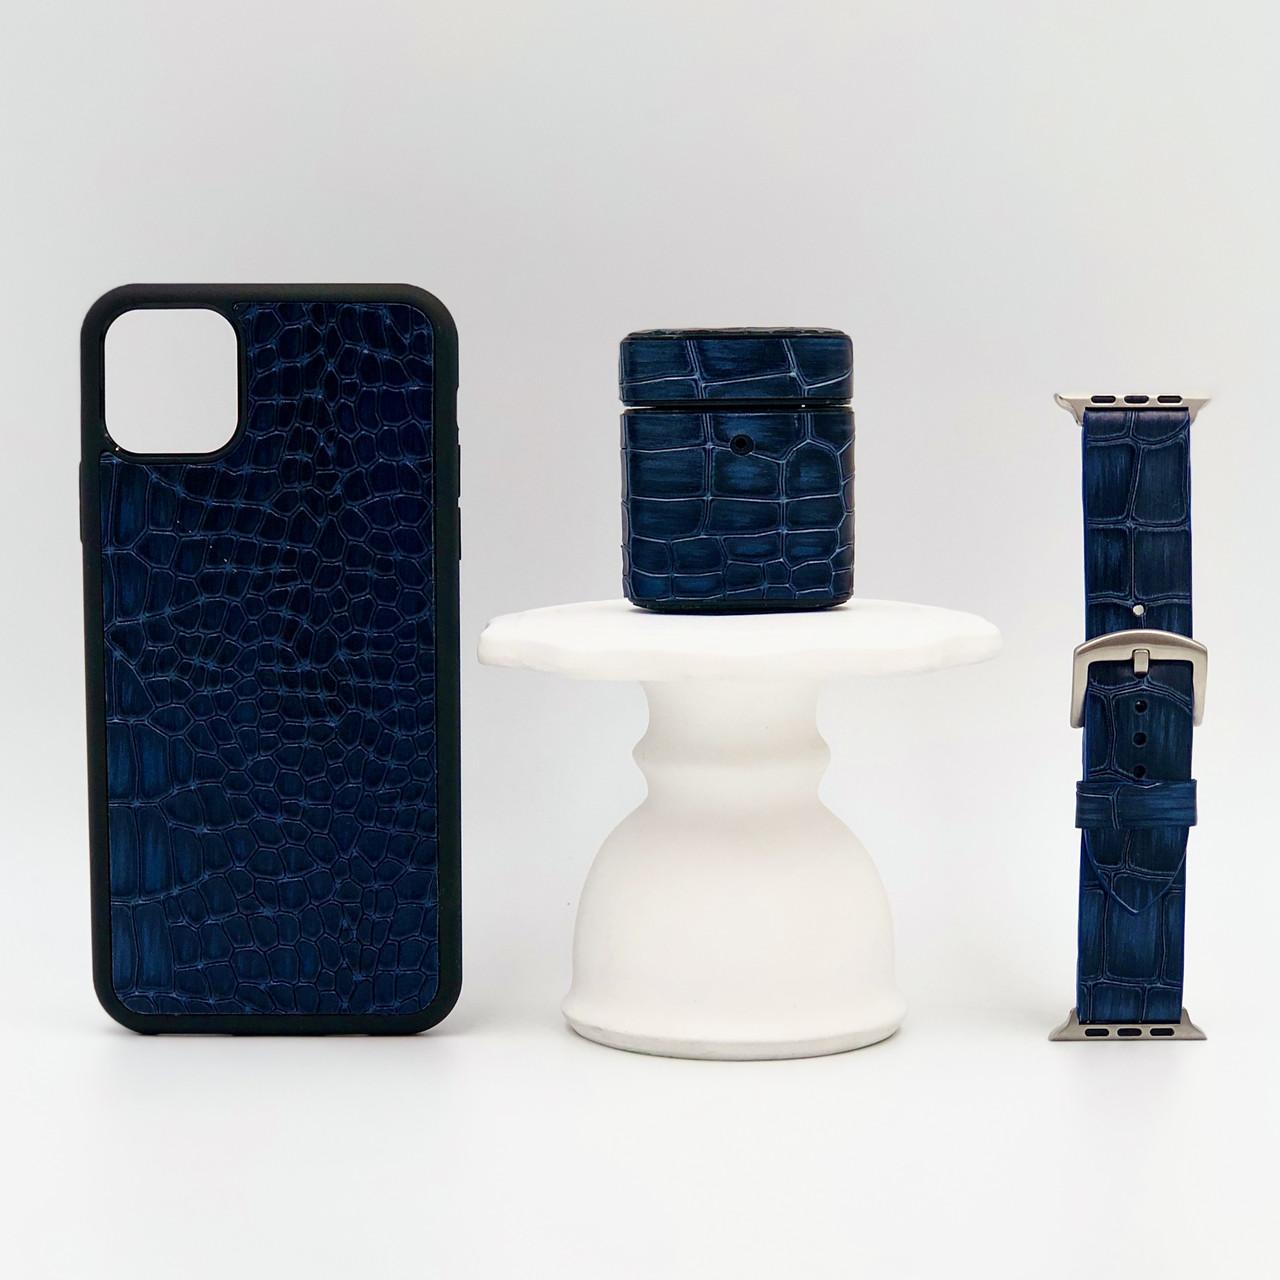 Набор из чехла для iPhone, чехла для AirPods и ремешка для Apple Watch синего цвета из Телячьей кожи